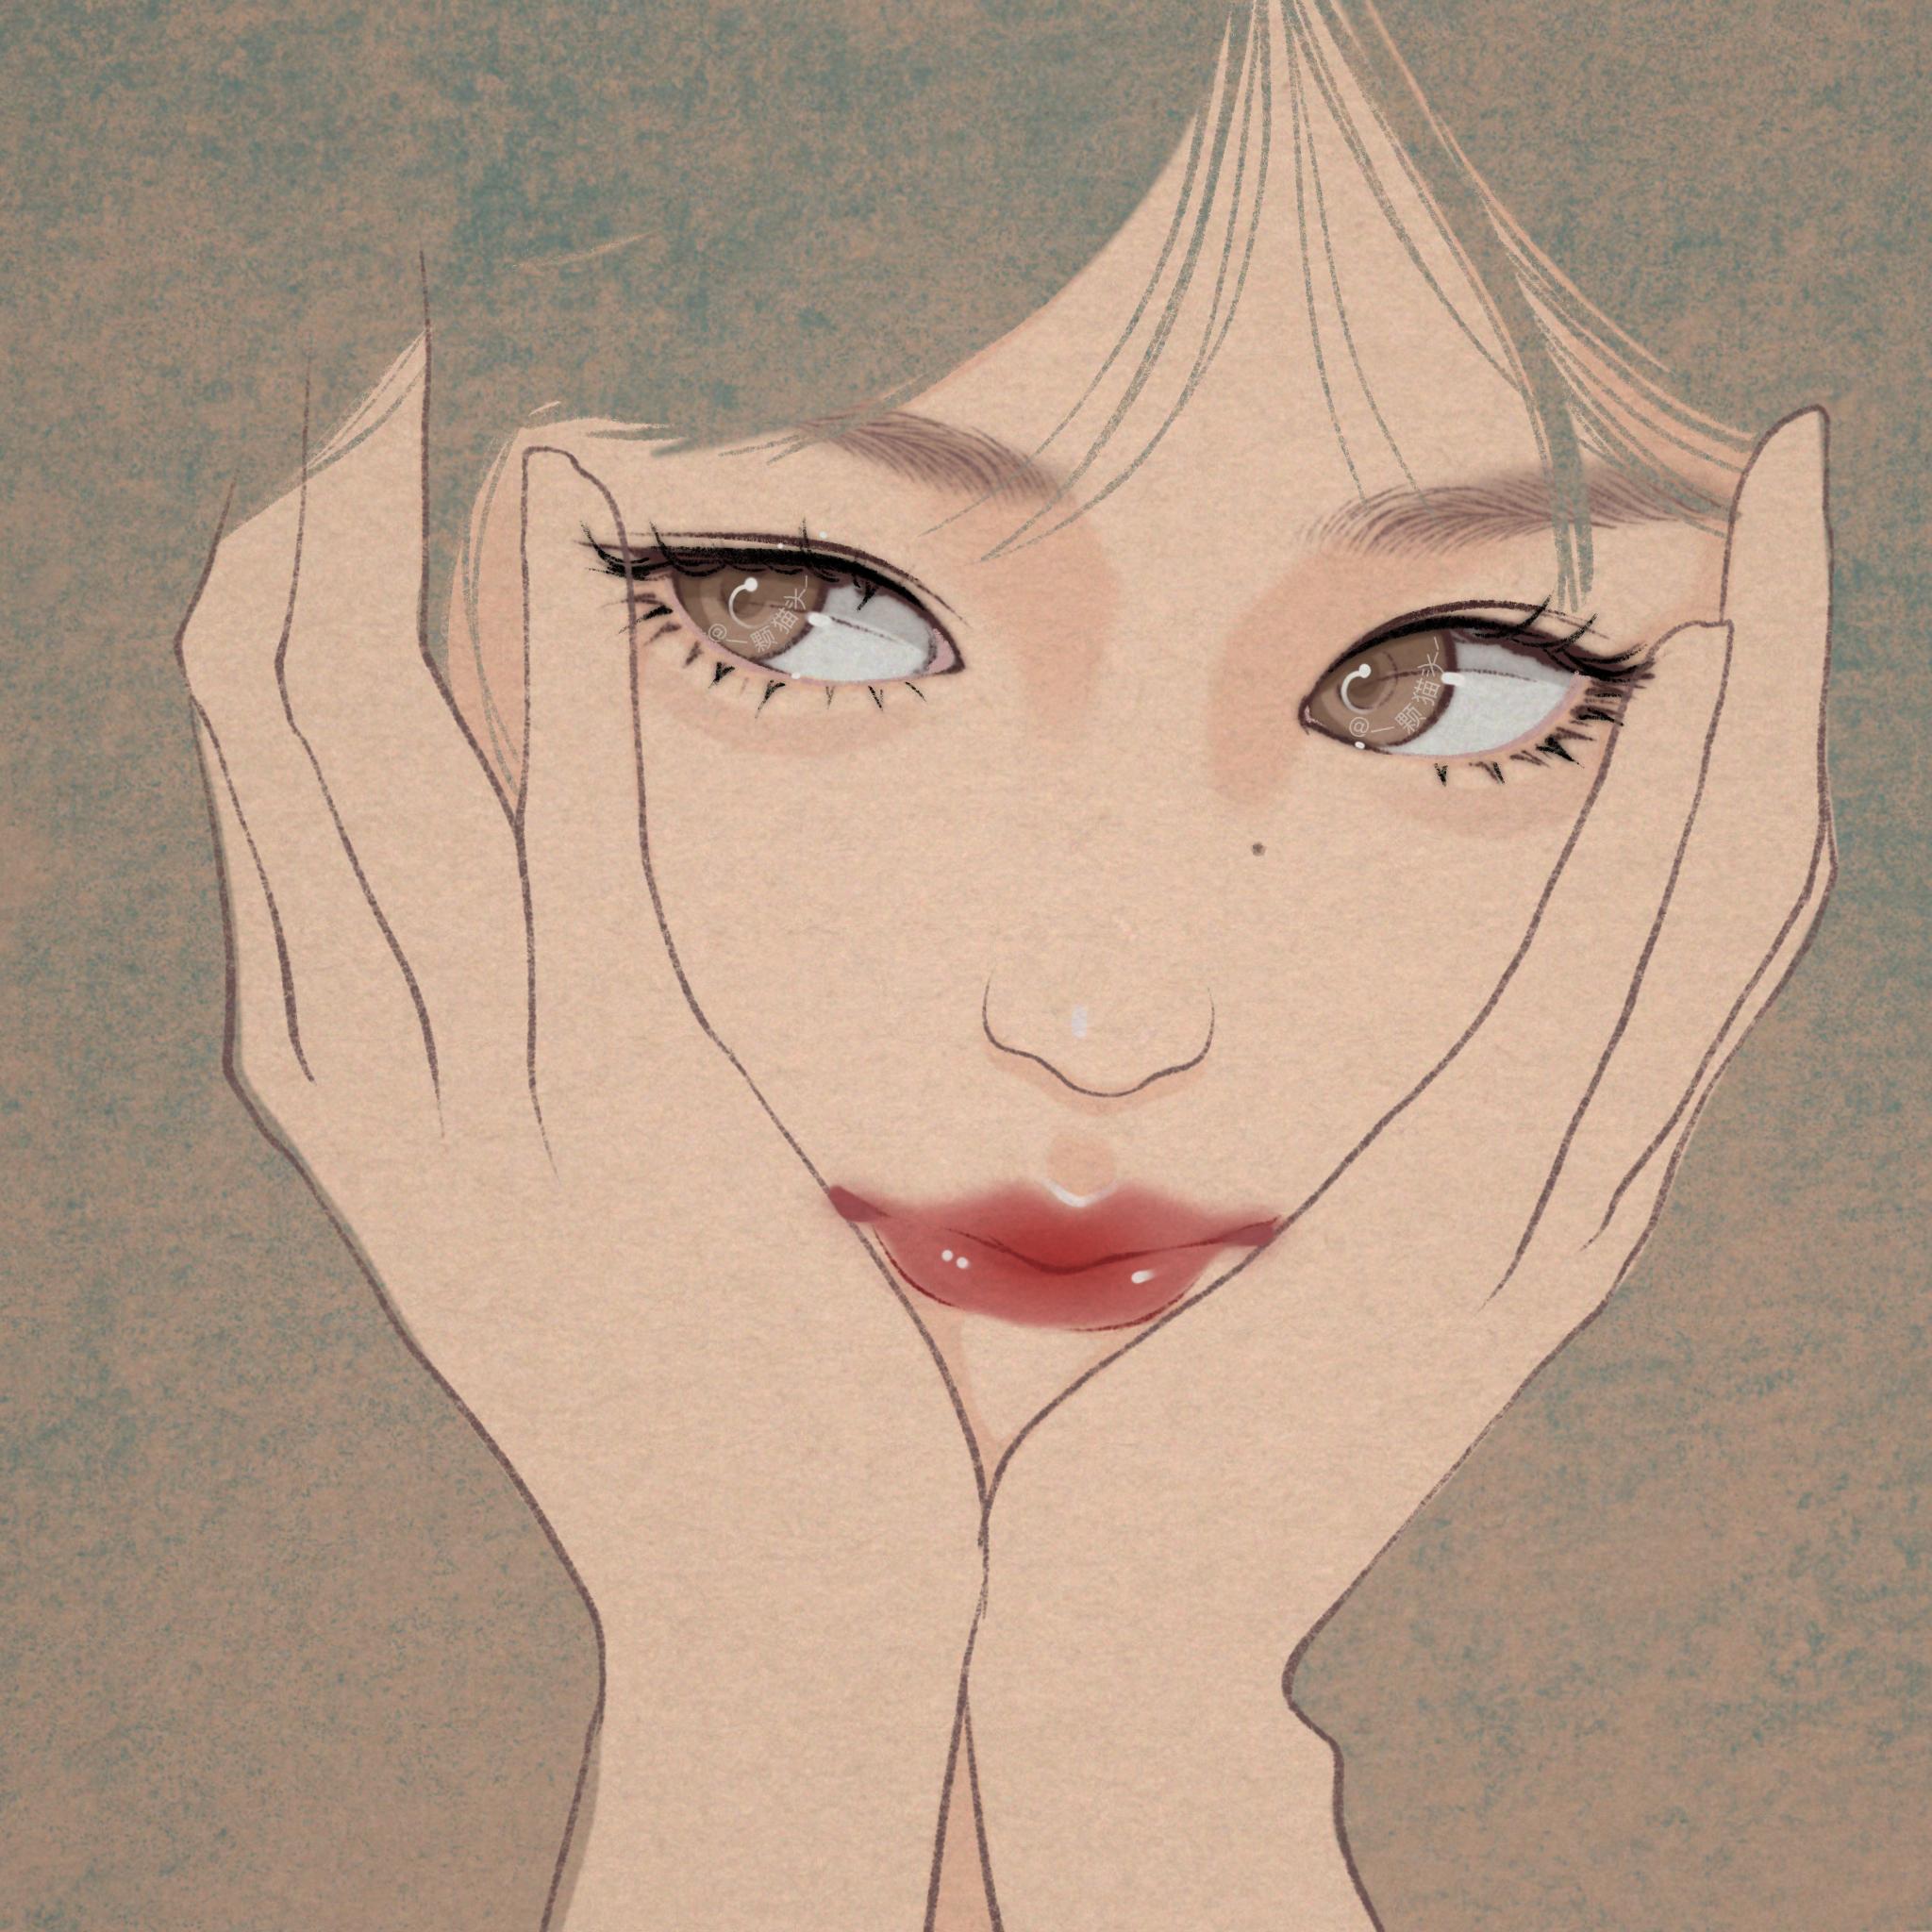 正向阳光晚安心语文字,搭配优美图片插画,发圈太美